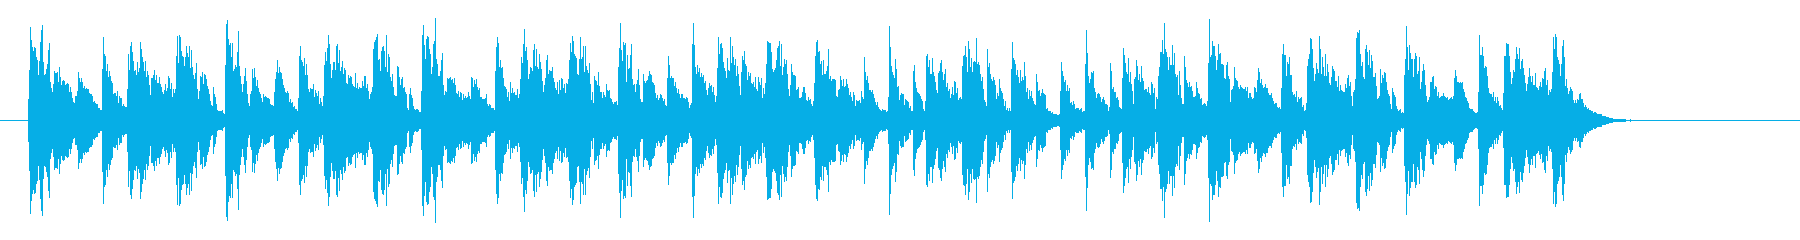 アップテンポでミステリアスな音楽の再生済みの波形